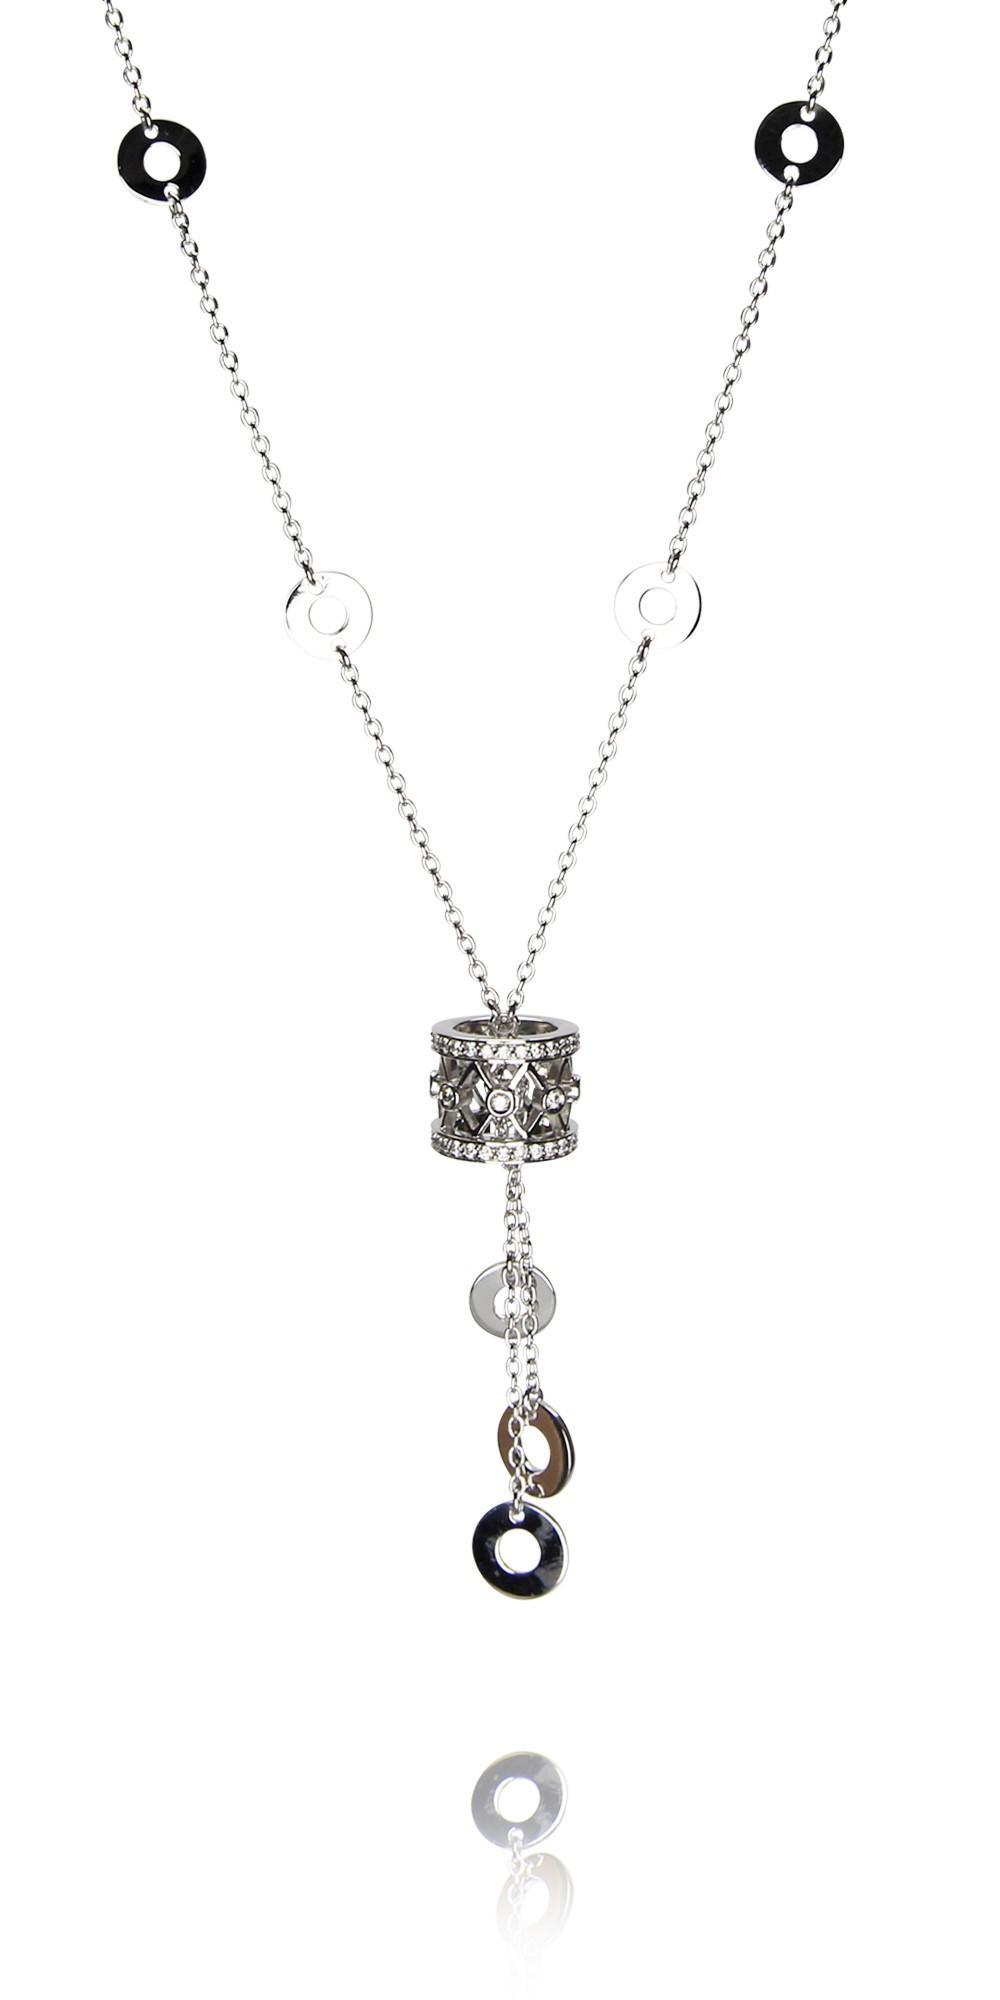 collier tamburinio oro bianco 18 carati con diamanti